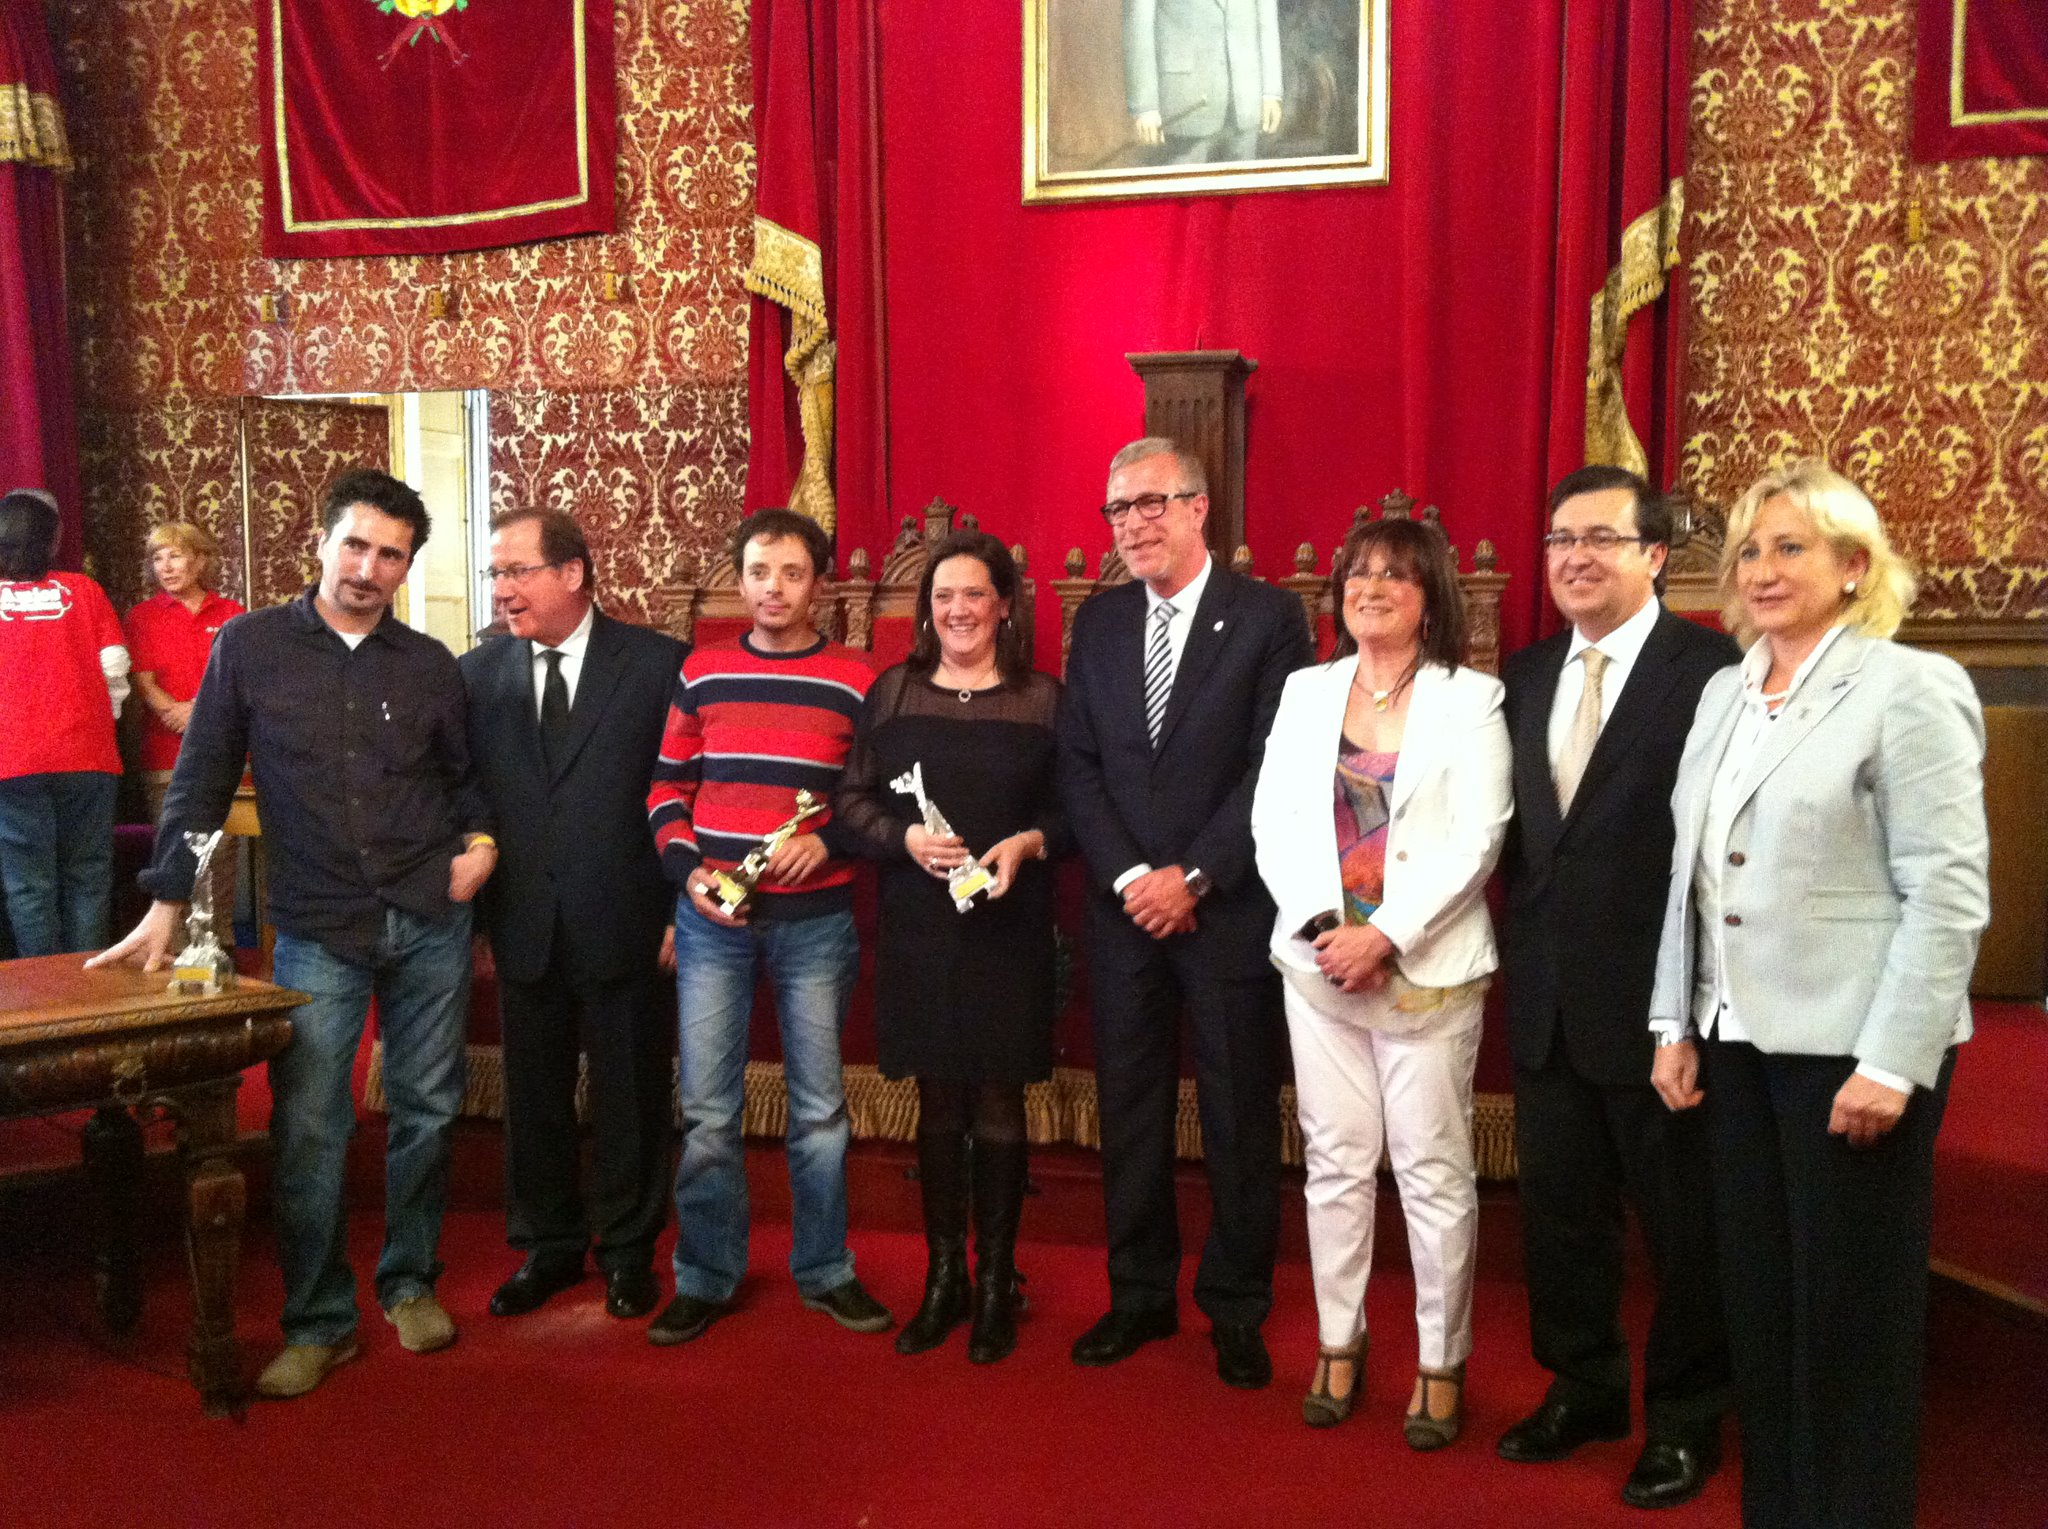 Fotografia de família dels guardonats amb Premis Literaris Ciutat de Tarragona i els organitzadors